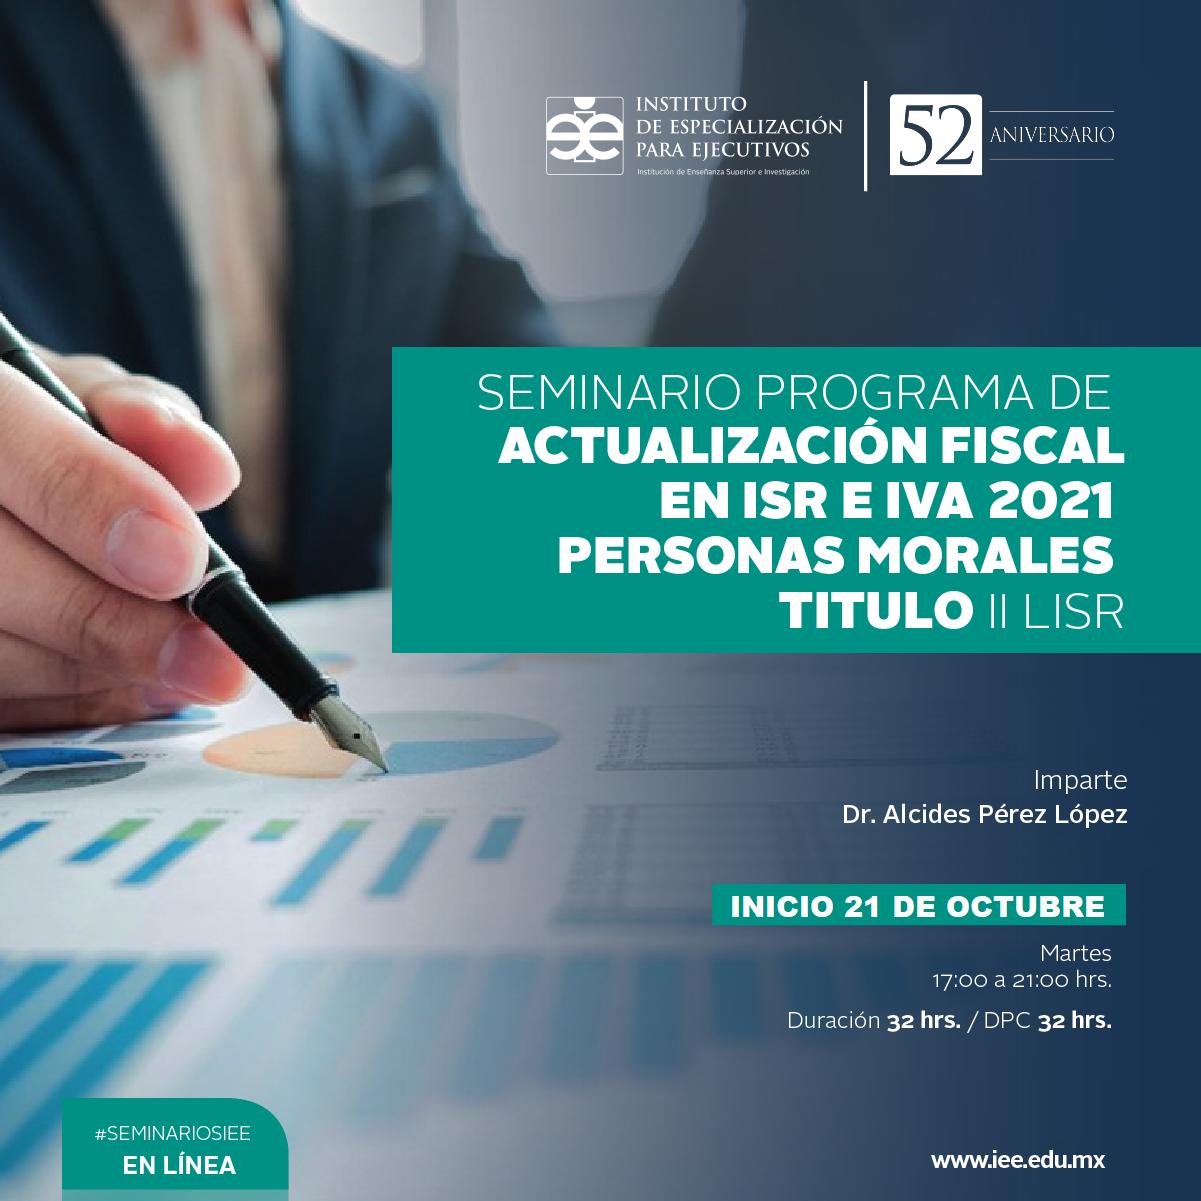 Seminario en Línea sobre Programa de Actualización Fiscal en ISR 2021 Personas Morales Titulo II LISR